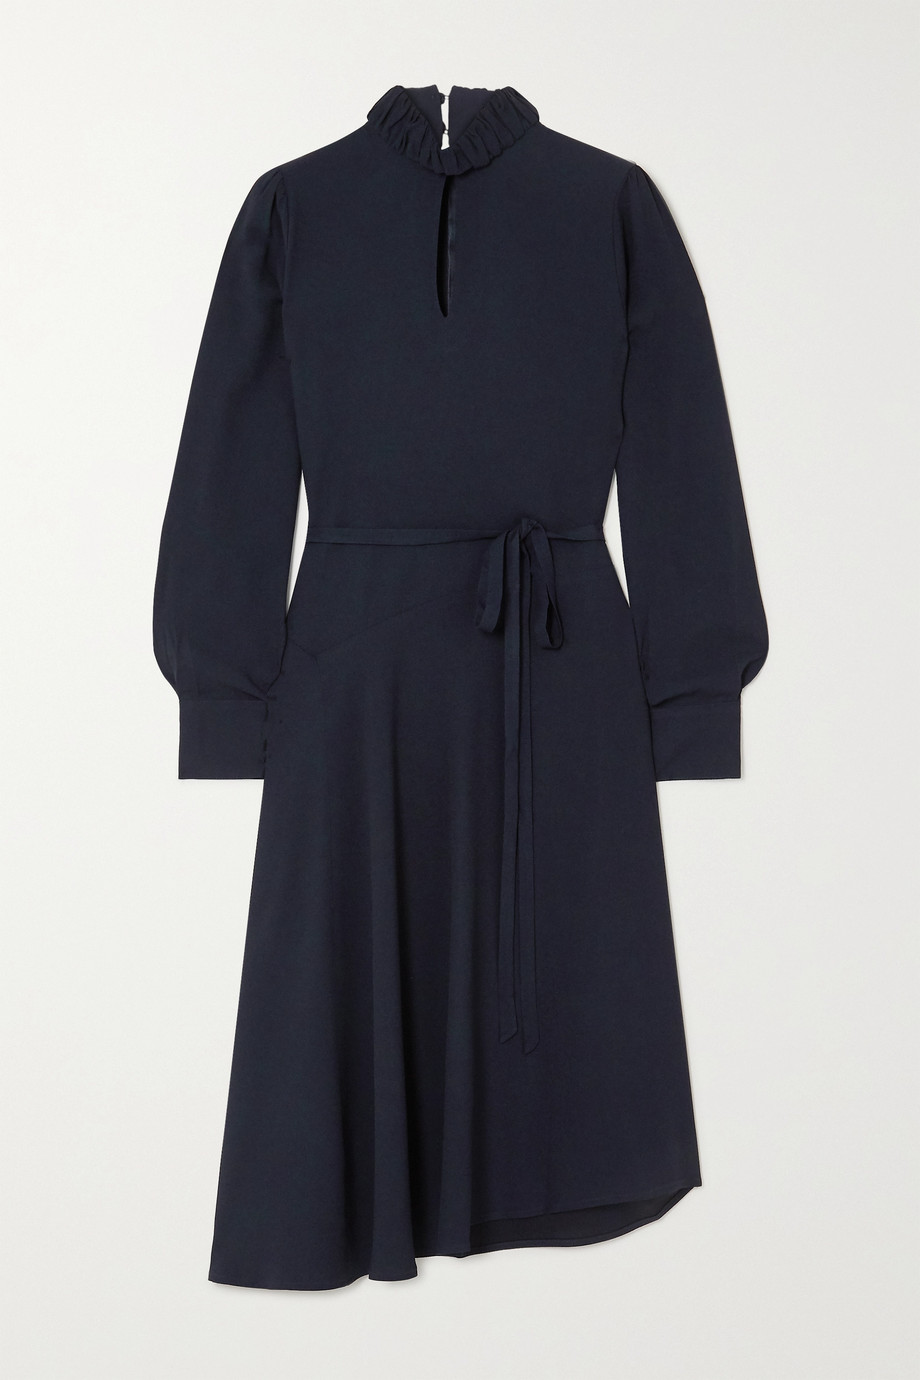 Officine Générale Solange asymmetric crepe dress